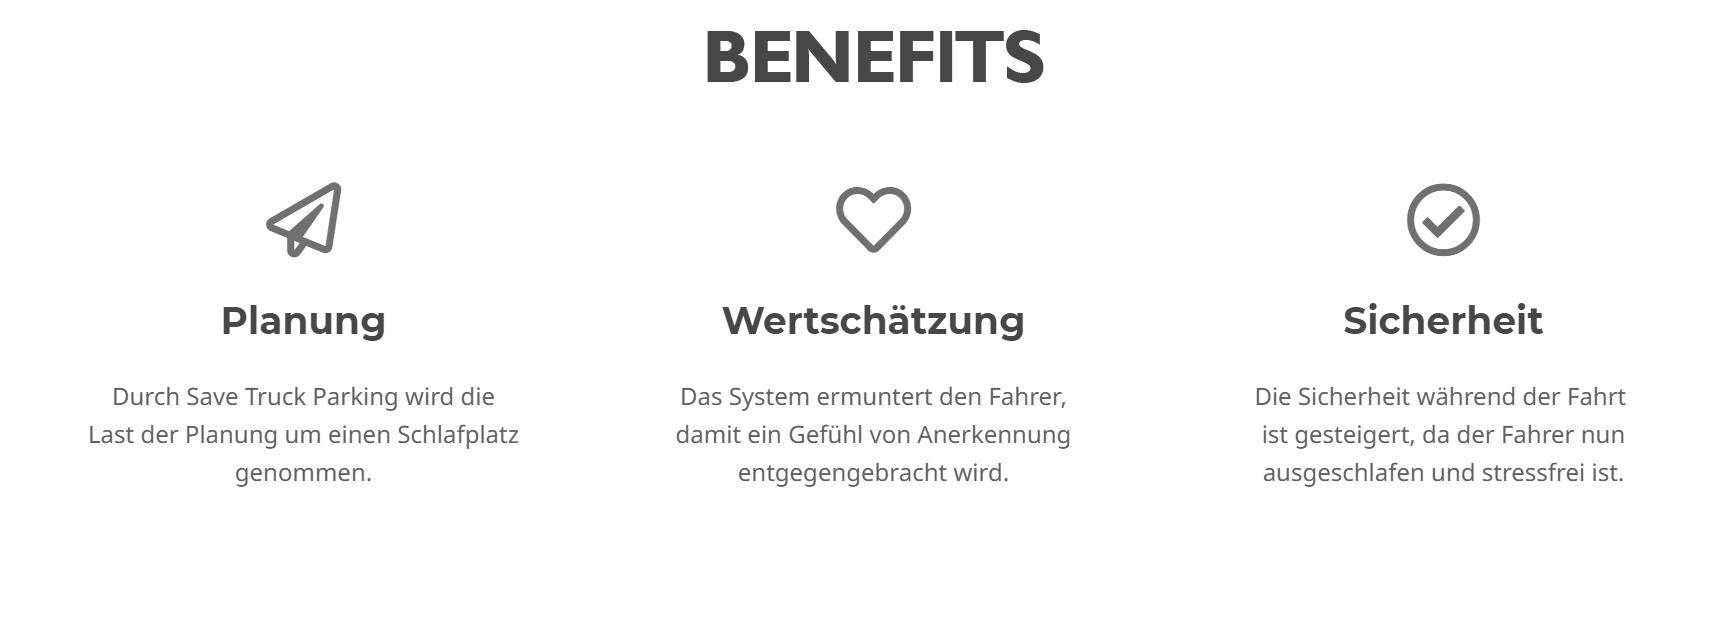 Informationsgrafik zu den drei Kern-Benefits: Planung, Wertschätzung, Sicherheit.